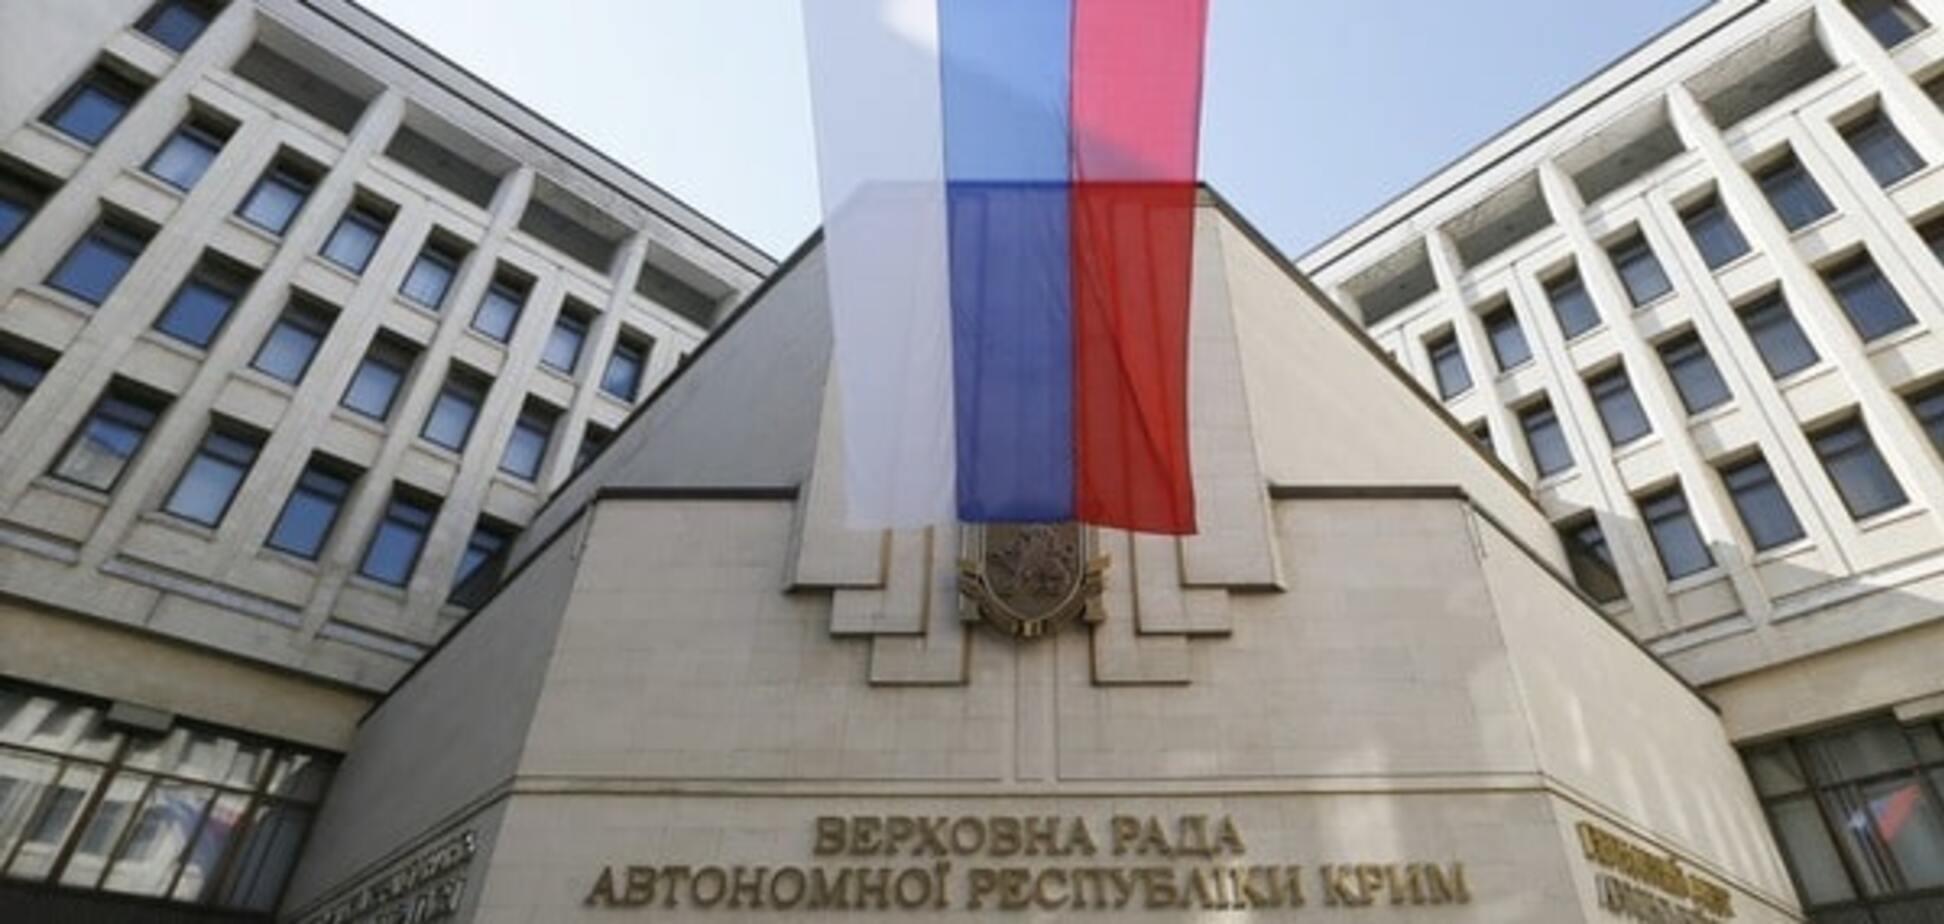 Веллер о Крыме: большинство вопросов Кремль решает без опросов